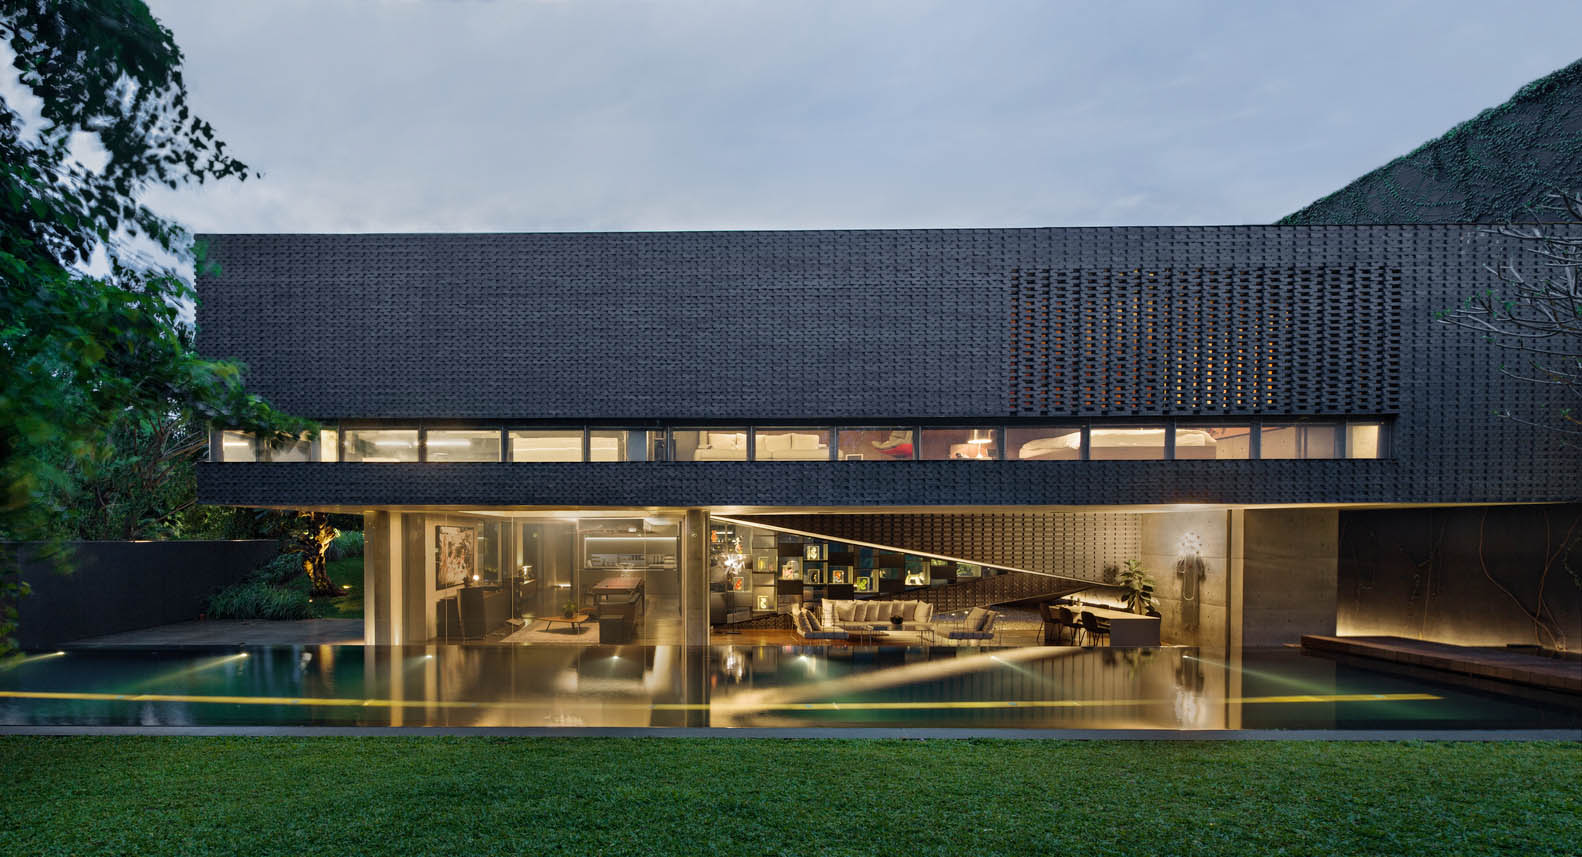 Arsitektur Rumah Minimalis Modern yang Mewah dan Elegan ala Andra Matin | Foto artikel Arsitag